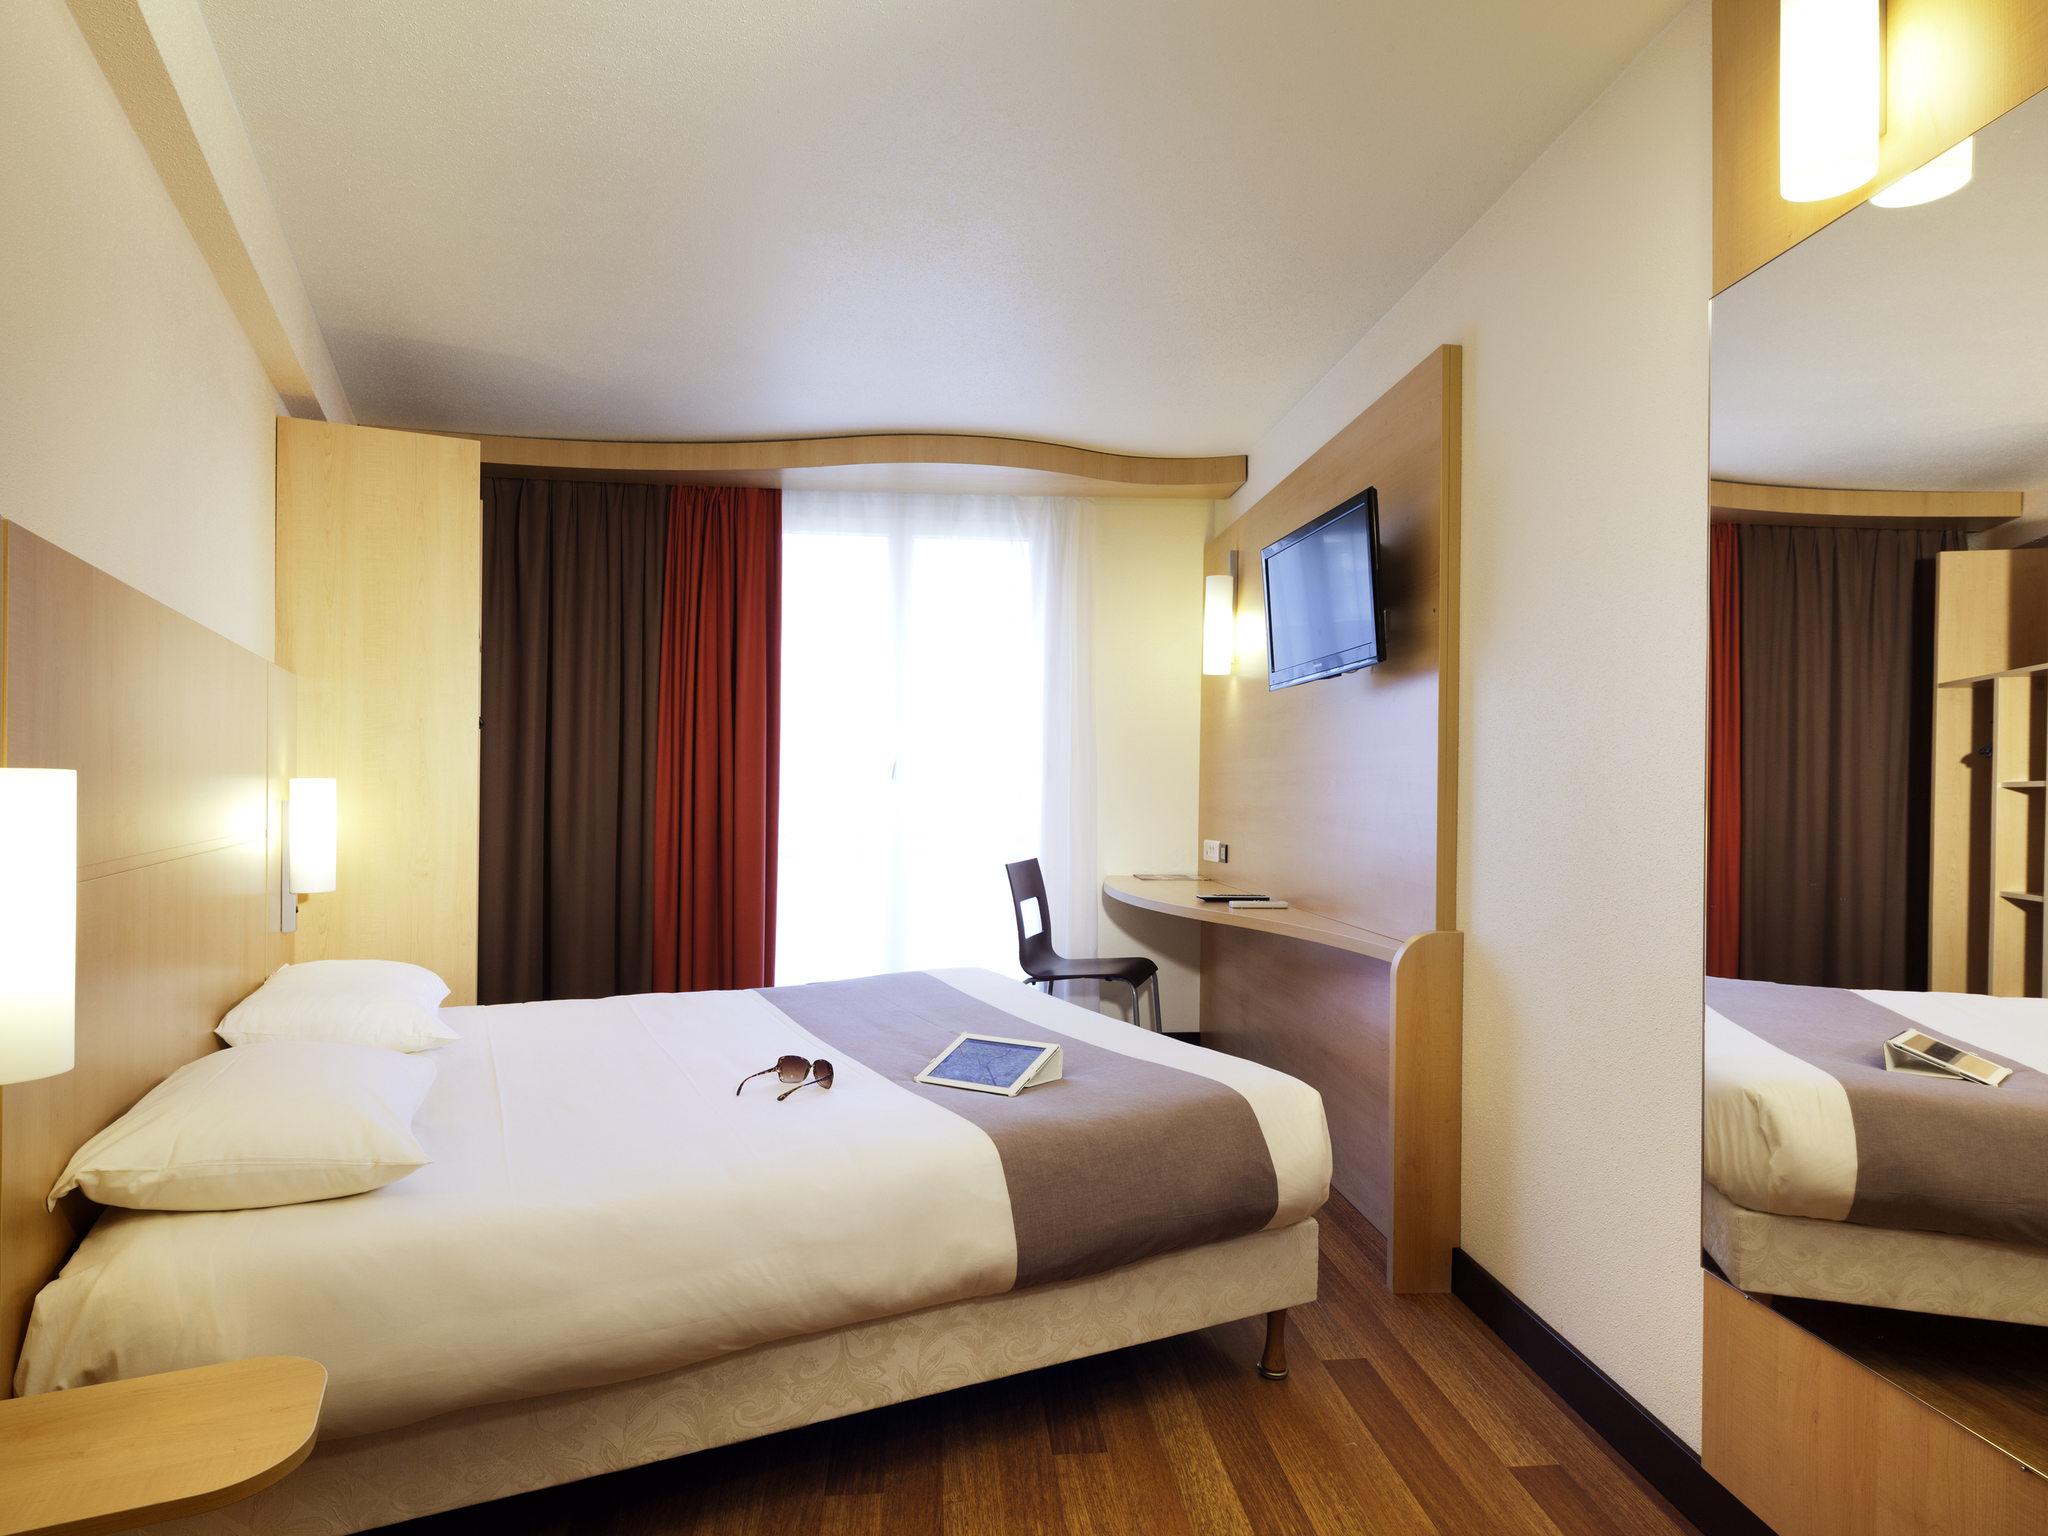 酒店 – 宜必思巴黎里昂火车站勒伊酒店